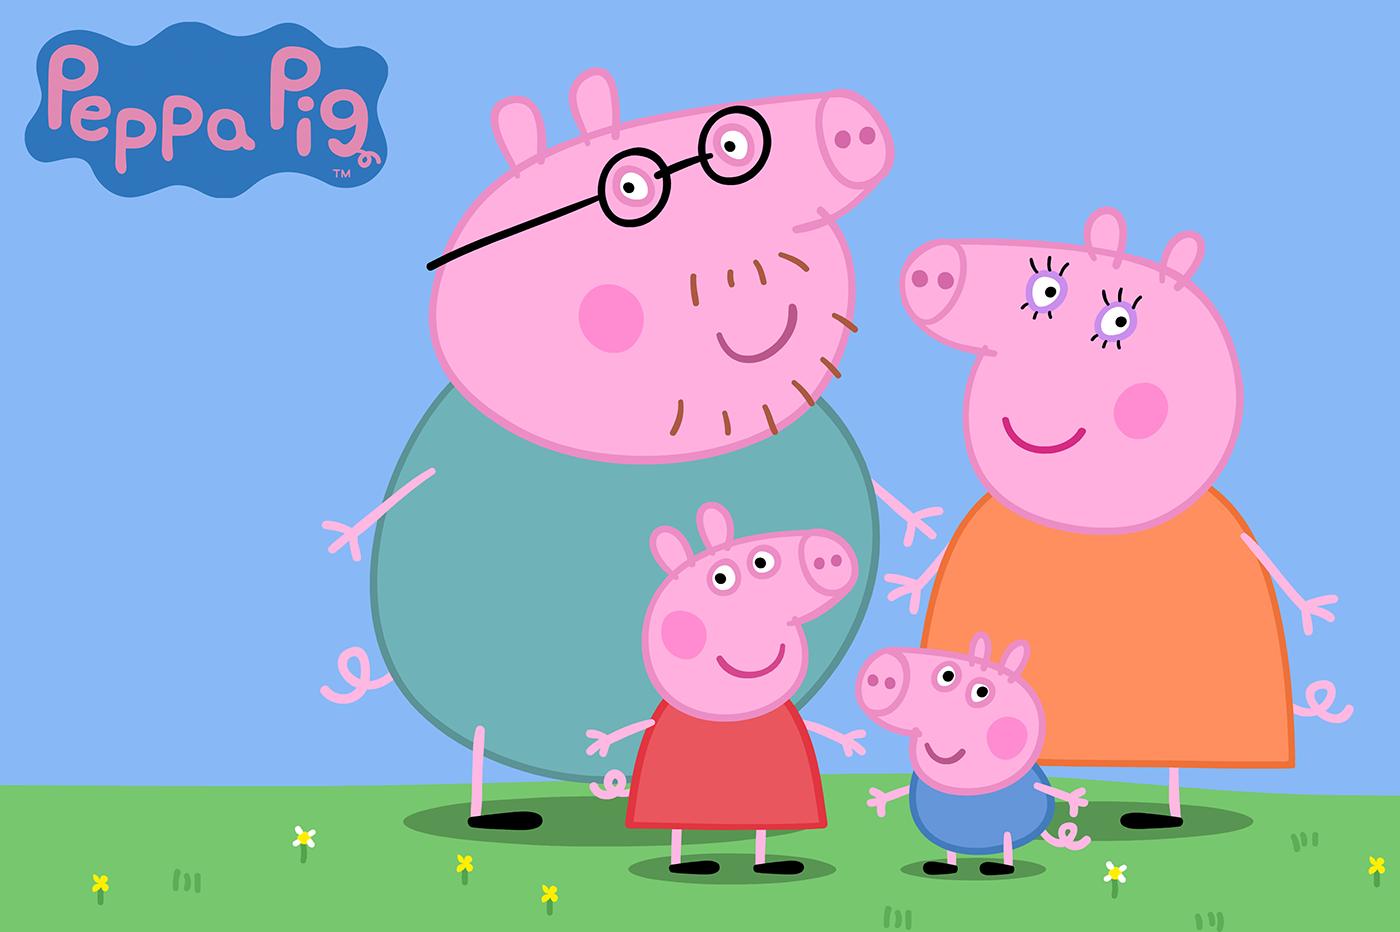 Papa Wutz, Mama Wutz, Peppa und Schorsch sind eigentlich in jeder Folge dabei. Bildquelle: Peppa Pig © Astley Baker Davies Ltd/Entertainment One UK Ltd 2003